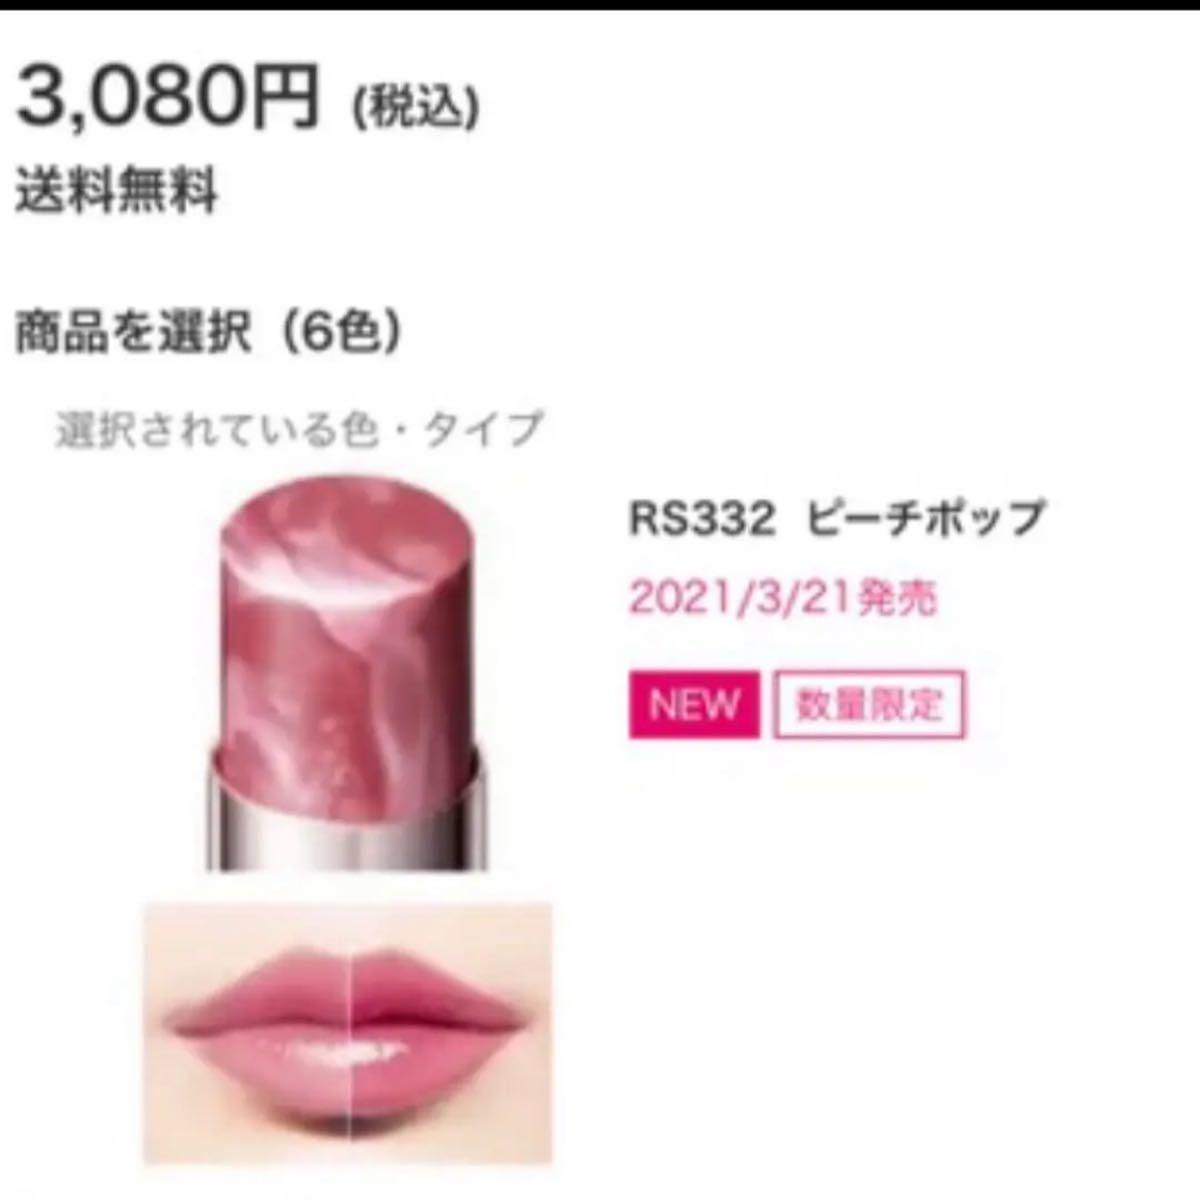 資生堂マキアージュ ドラマティックルージュEX 限定品ピーチポップ RS 322